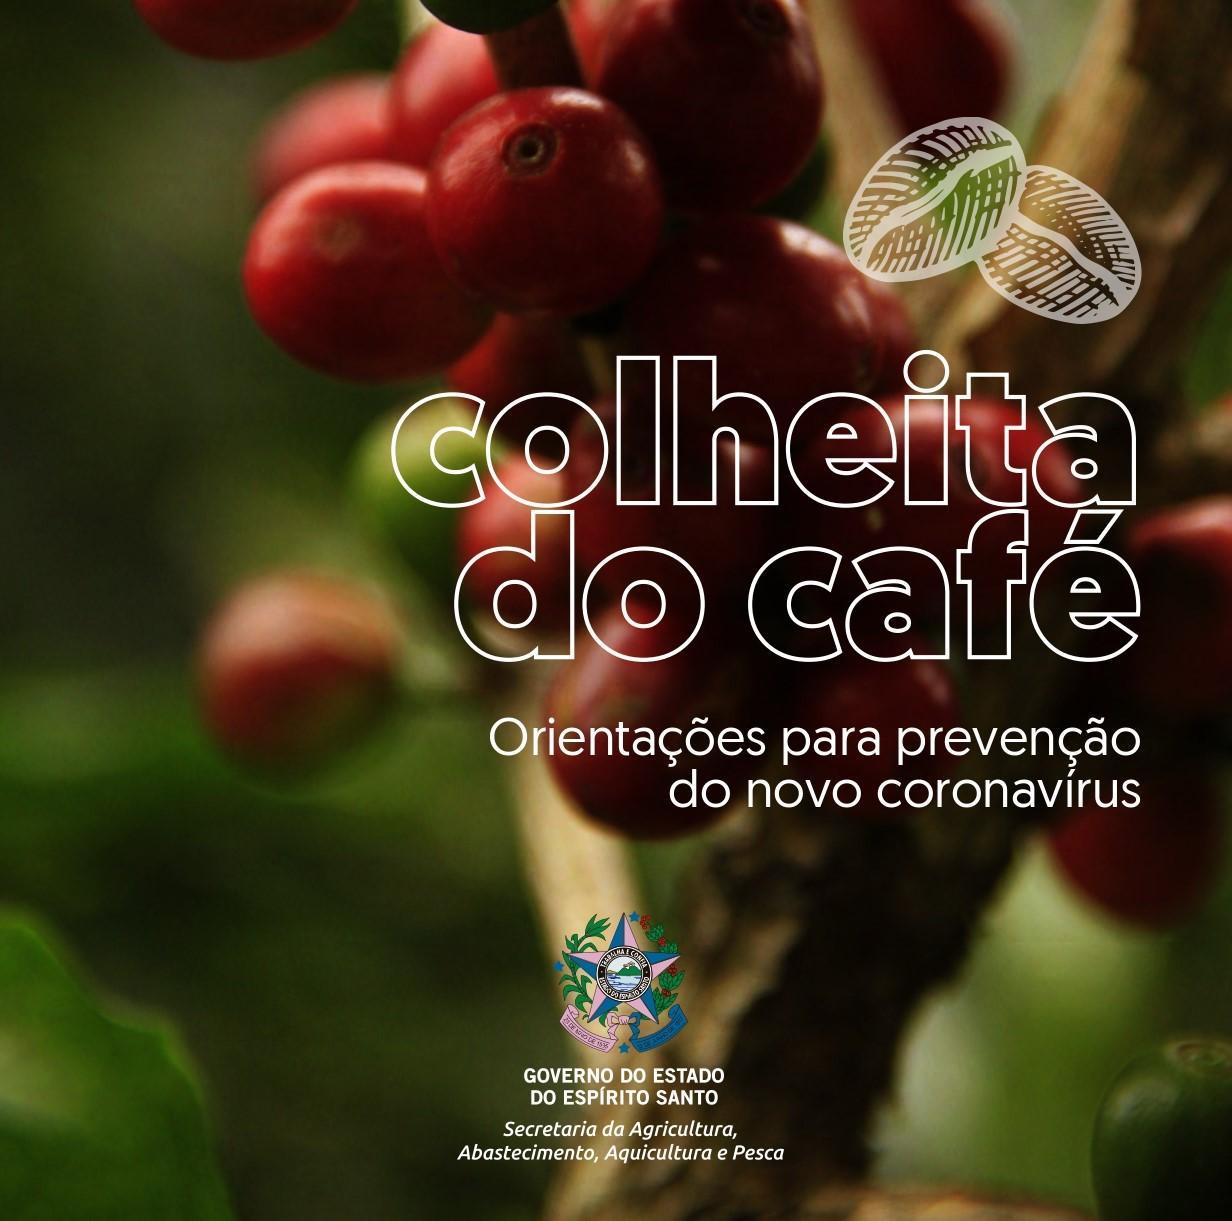 Coronavírus (COVID-19): SEAG cria cartilha para prevenção da doença na colheita do café